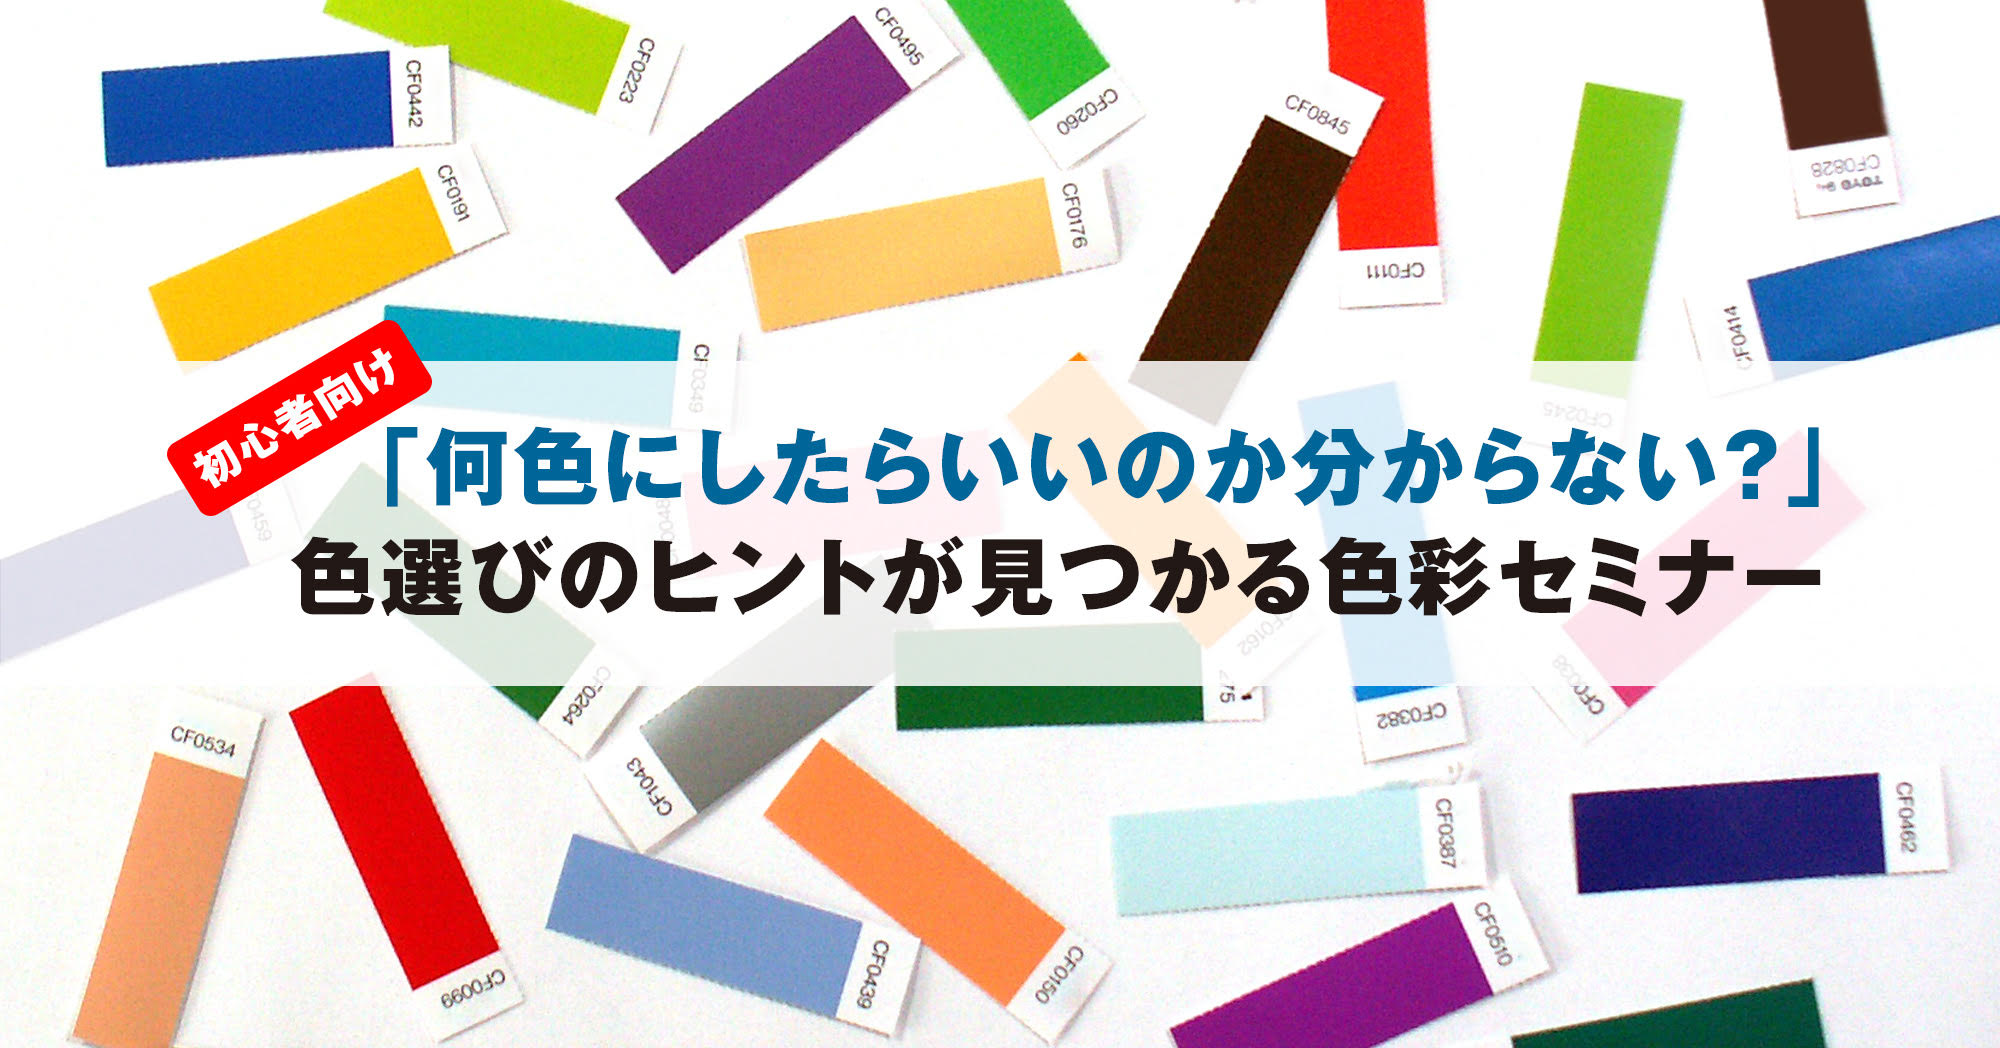 【参加受付中】NPO法人やさしいデザイン主催「色選びのヒントが見つかる色彩セミナー(初心者向け)」